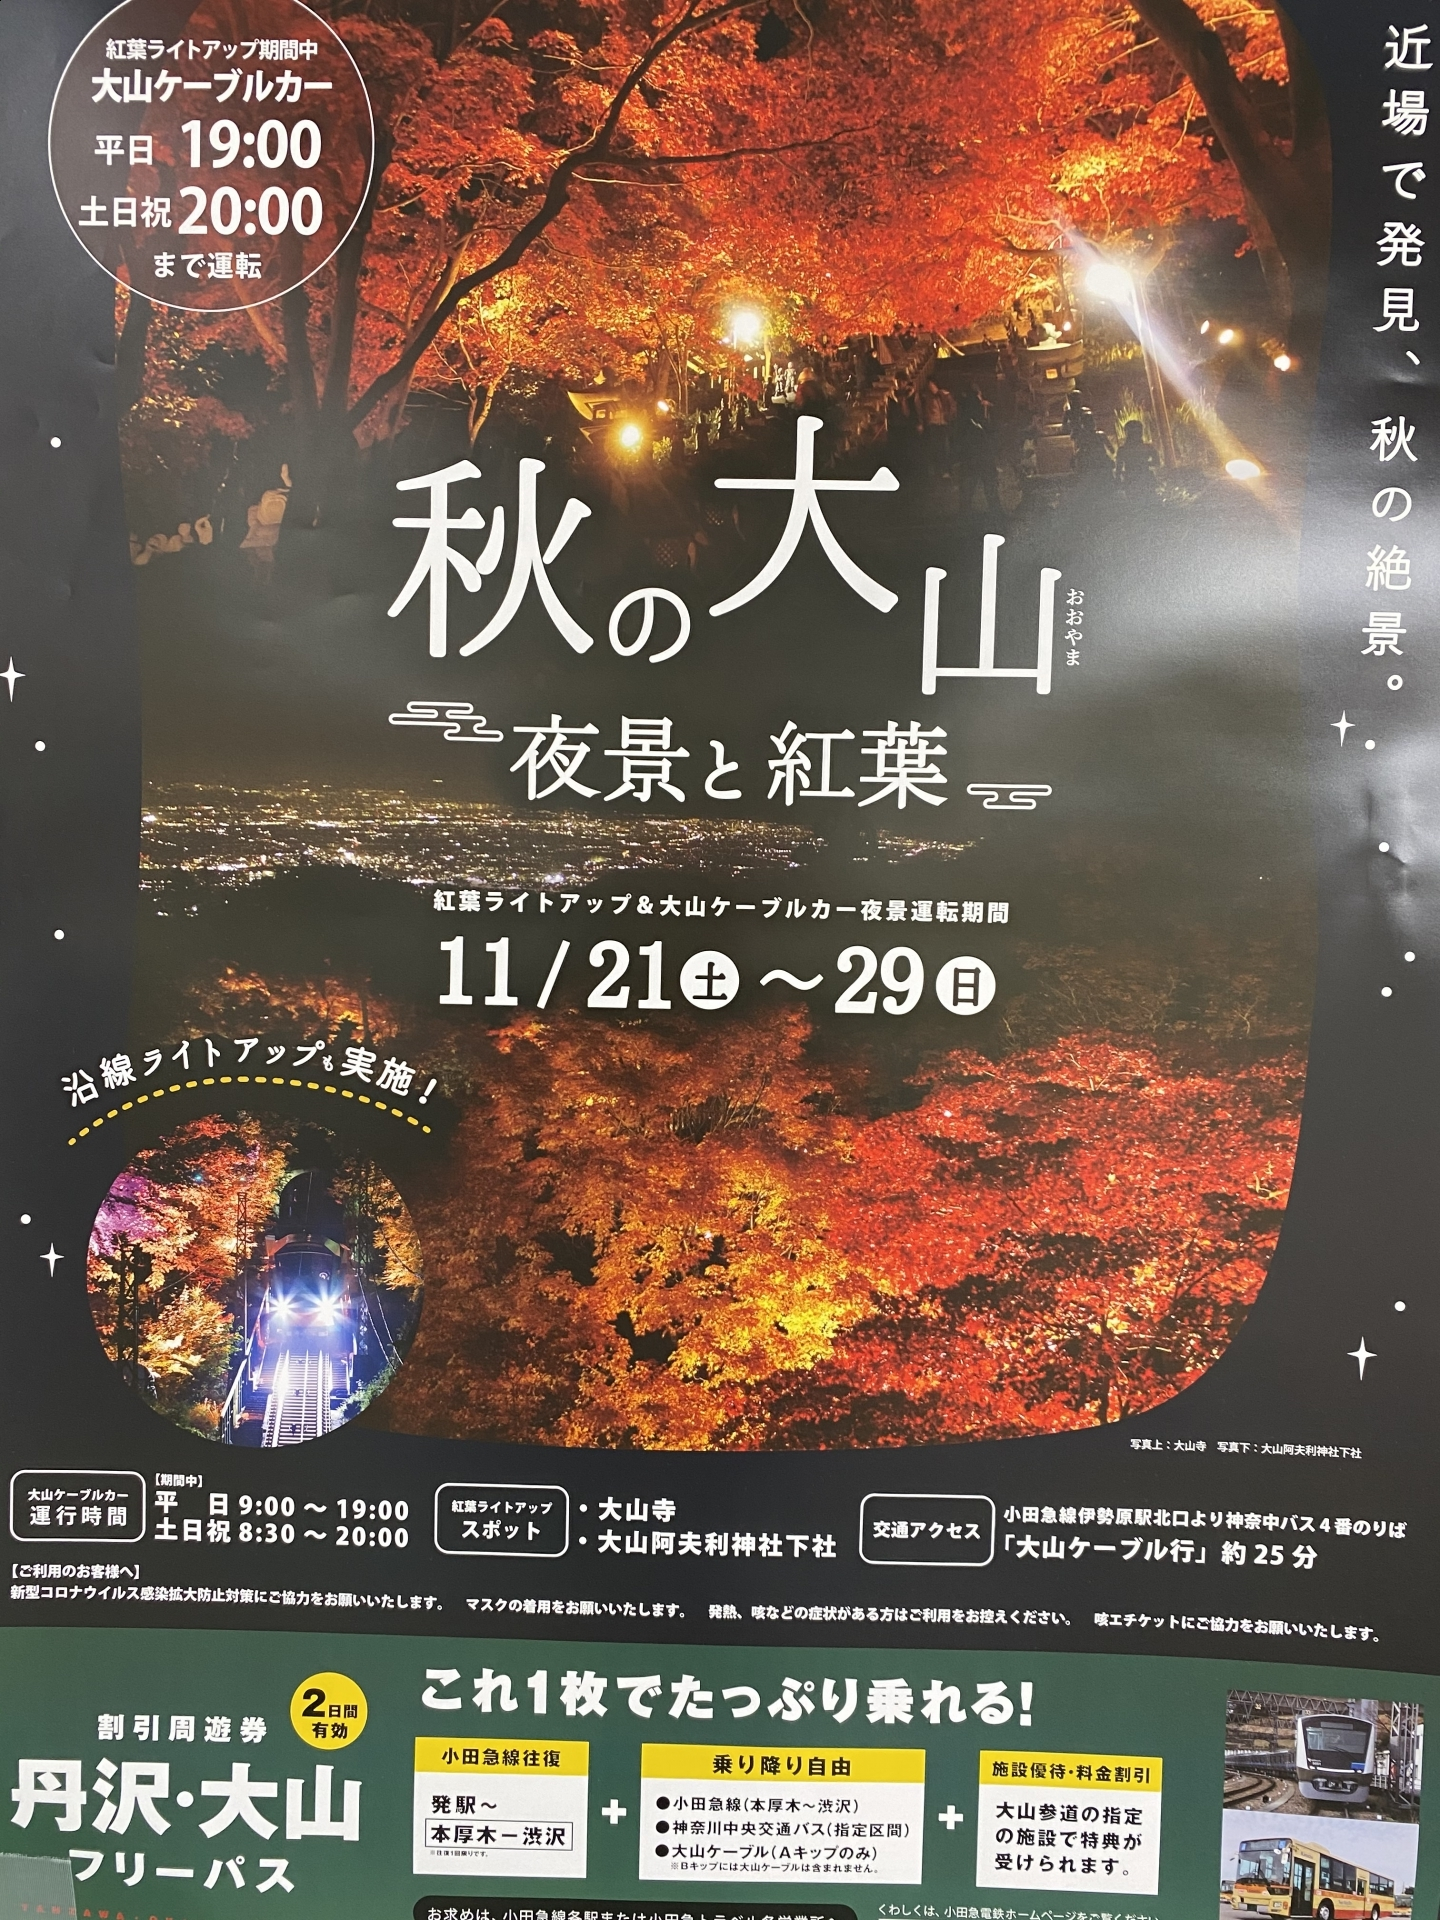 【175】 伊勢原(大山)の夜景・・いかがでしょう?